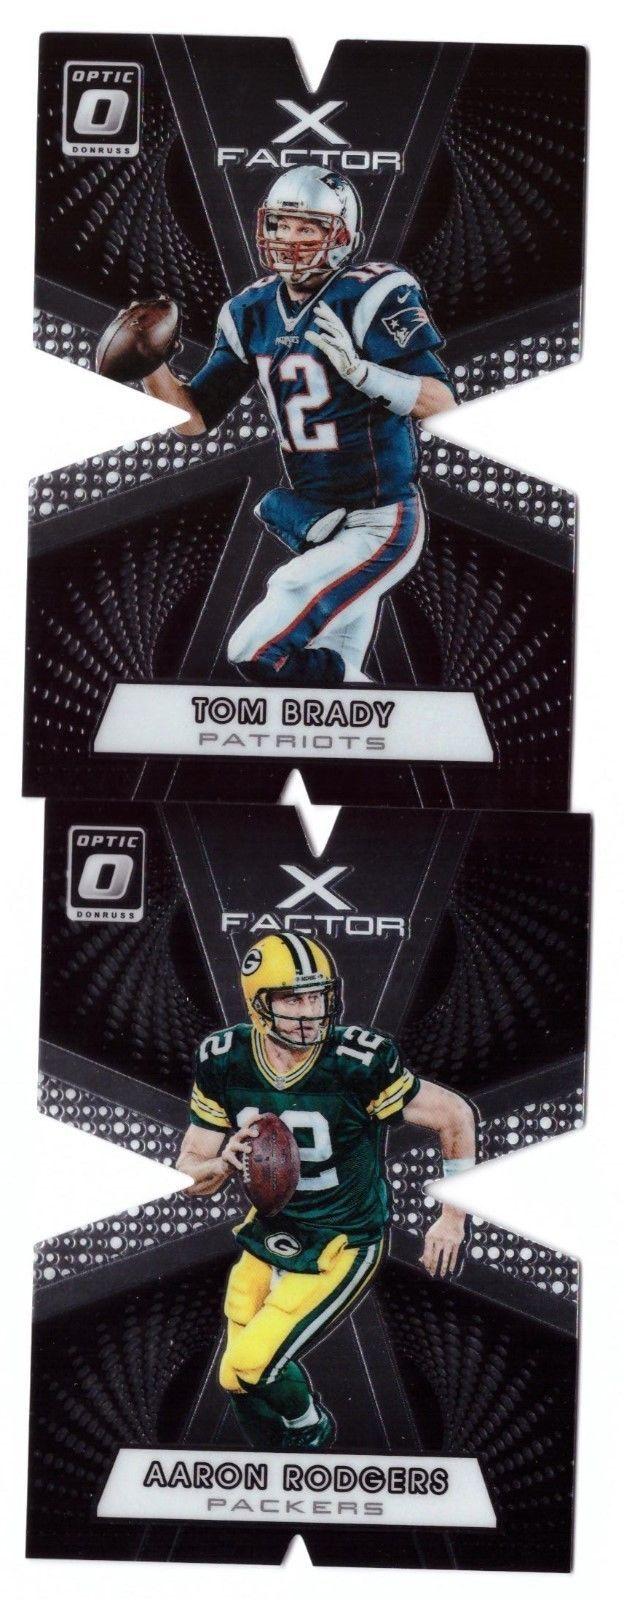 2016 Panini Optic Tom Brady Aaron Rodgers X Factor Cards Aaron Rodgers Tom Brady